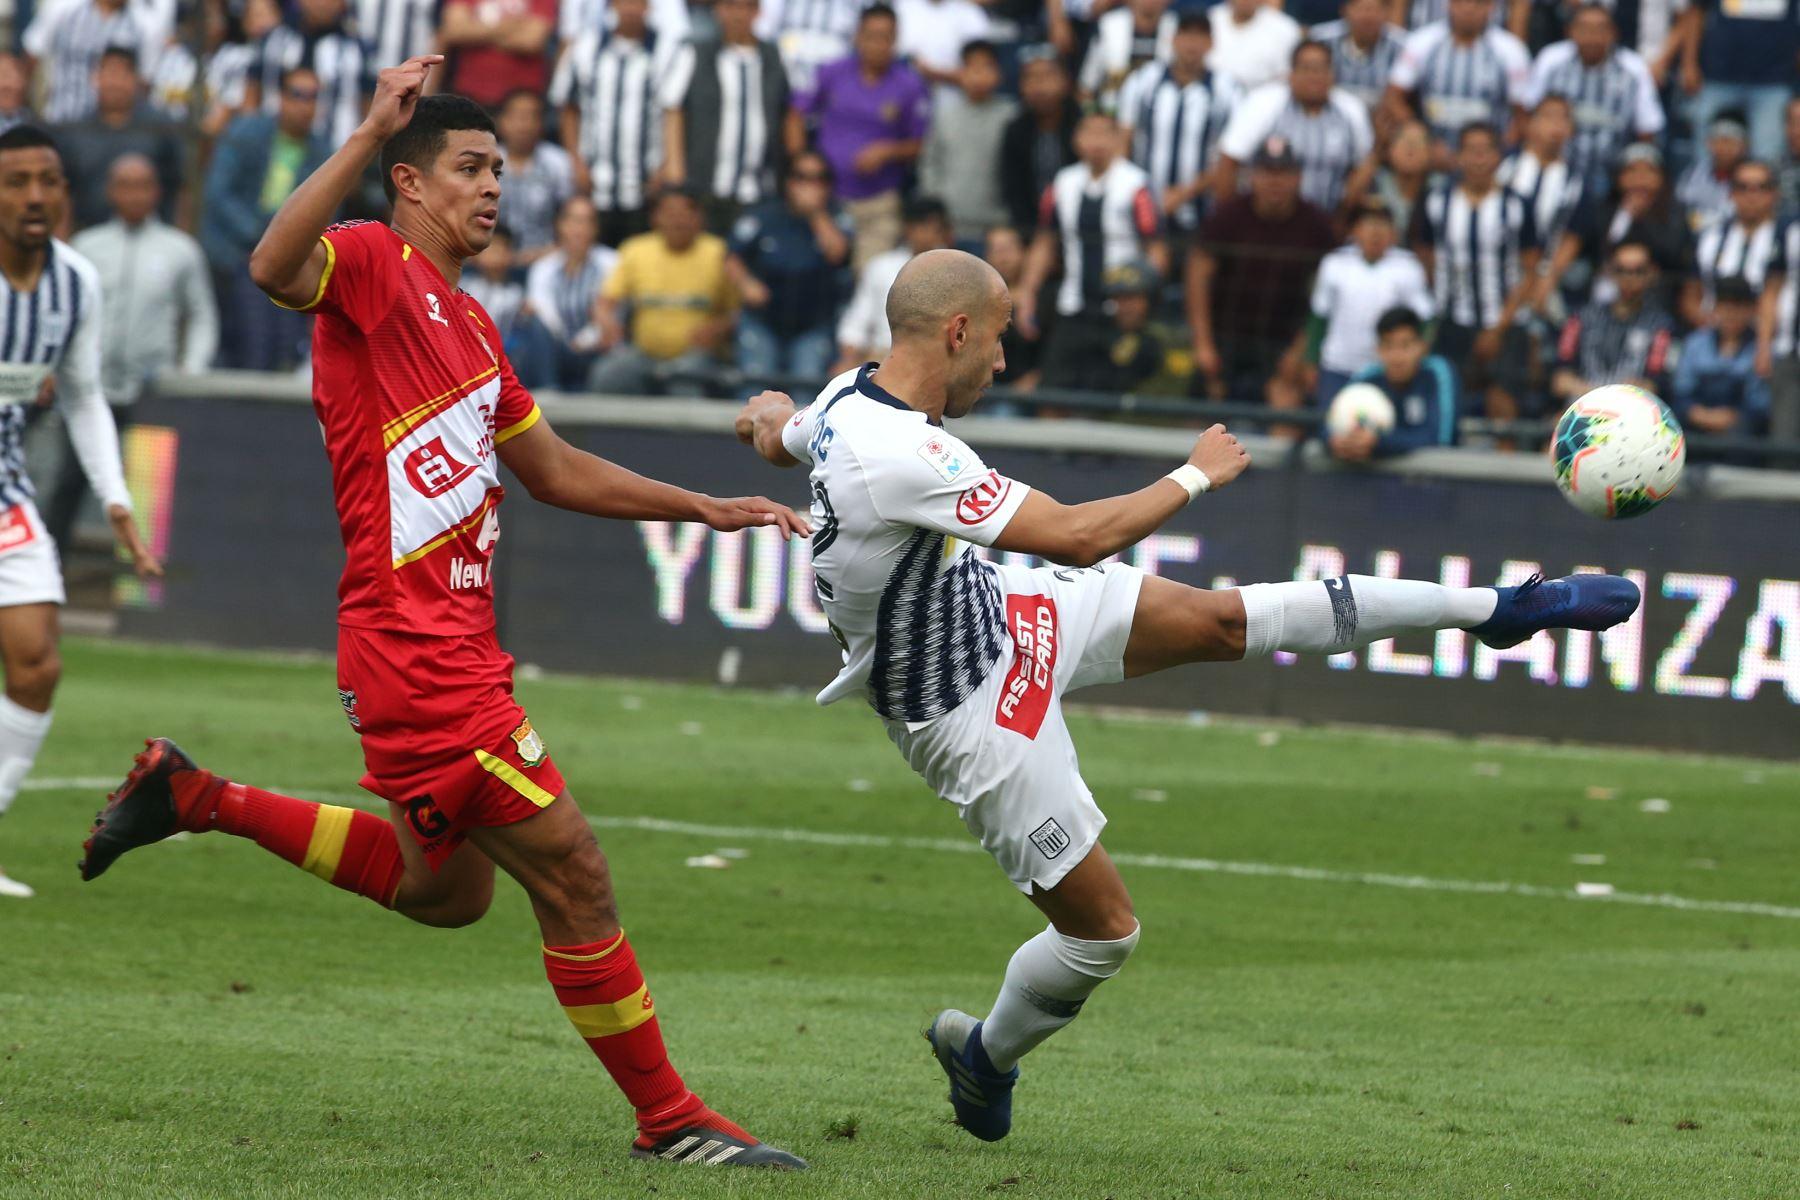 Federico Rodriguez celebra el gol de Alianza Lima ante  Sport Huancayo por la fecha 16 del Torneo Clausura de la Liga 1en el estadio Alejandro Villanueva de La Victoria. Foto: ANDINA/Vidal Tarqui